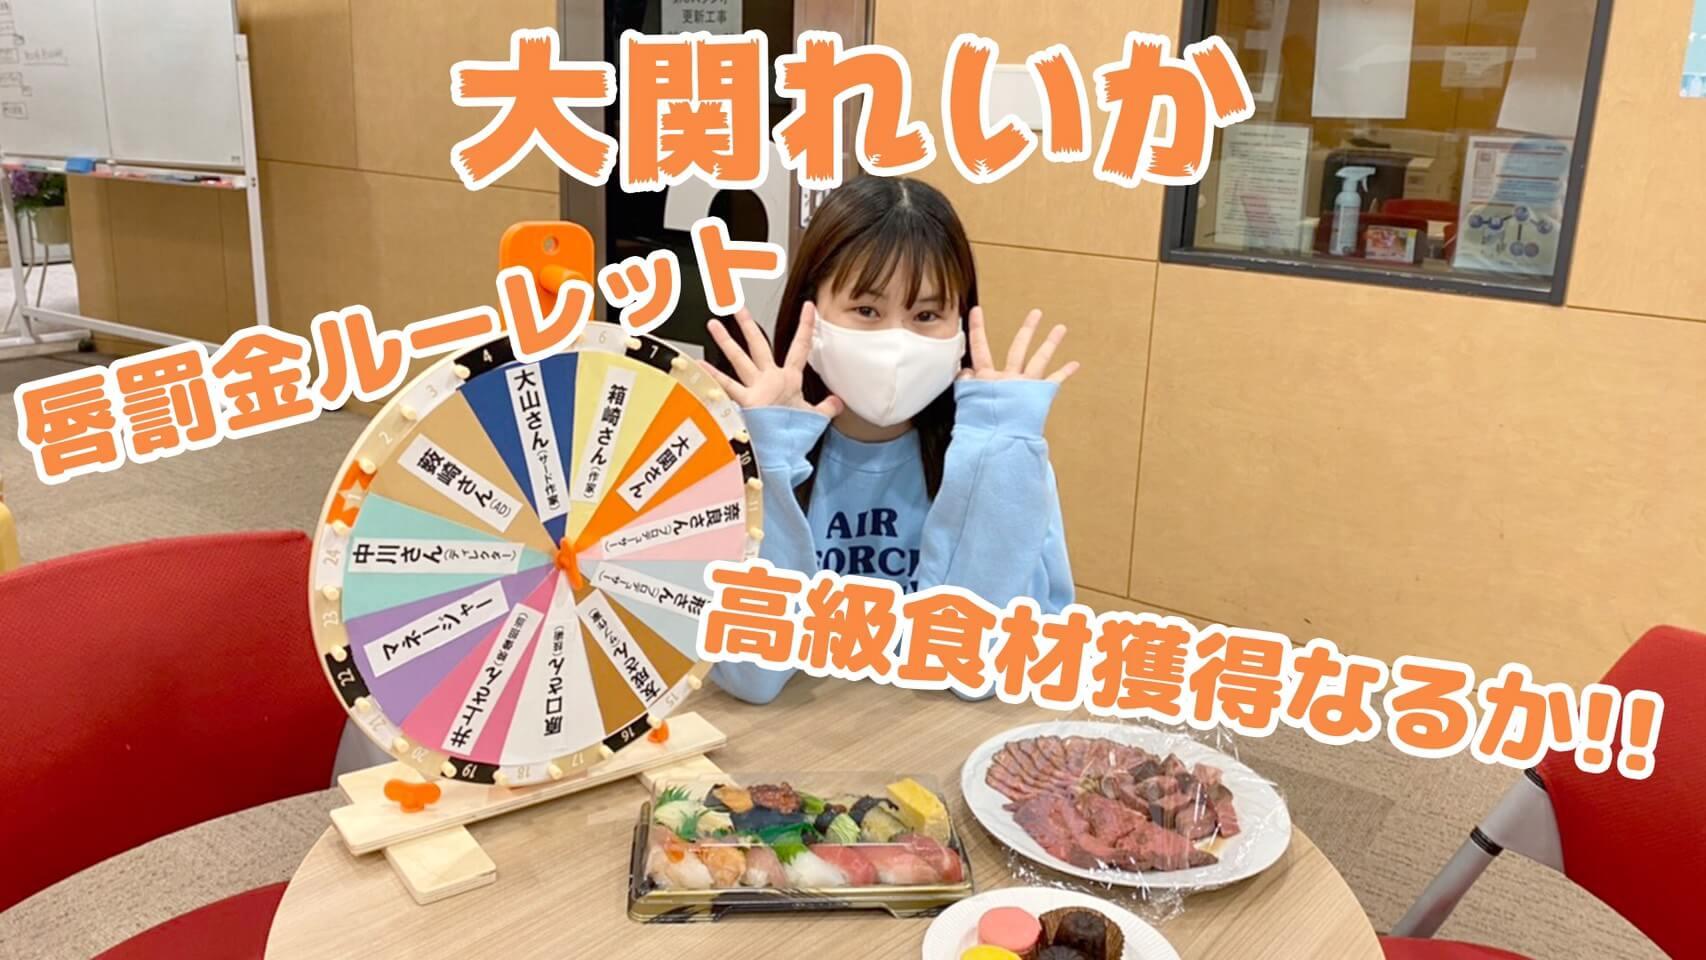 【大関れいか】唇罰金ルーレット、高級食材獲得なるか!!【CultureZ】